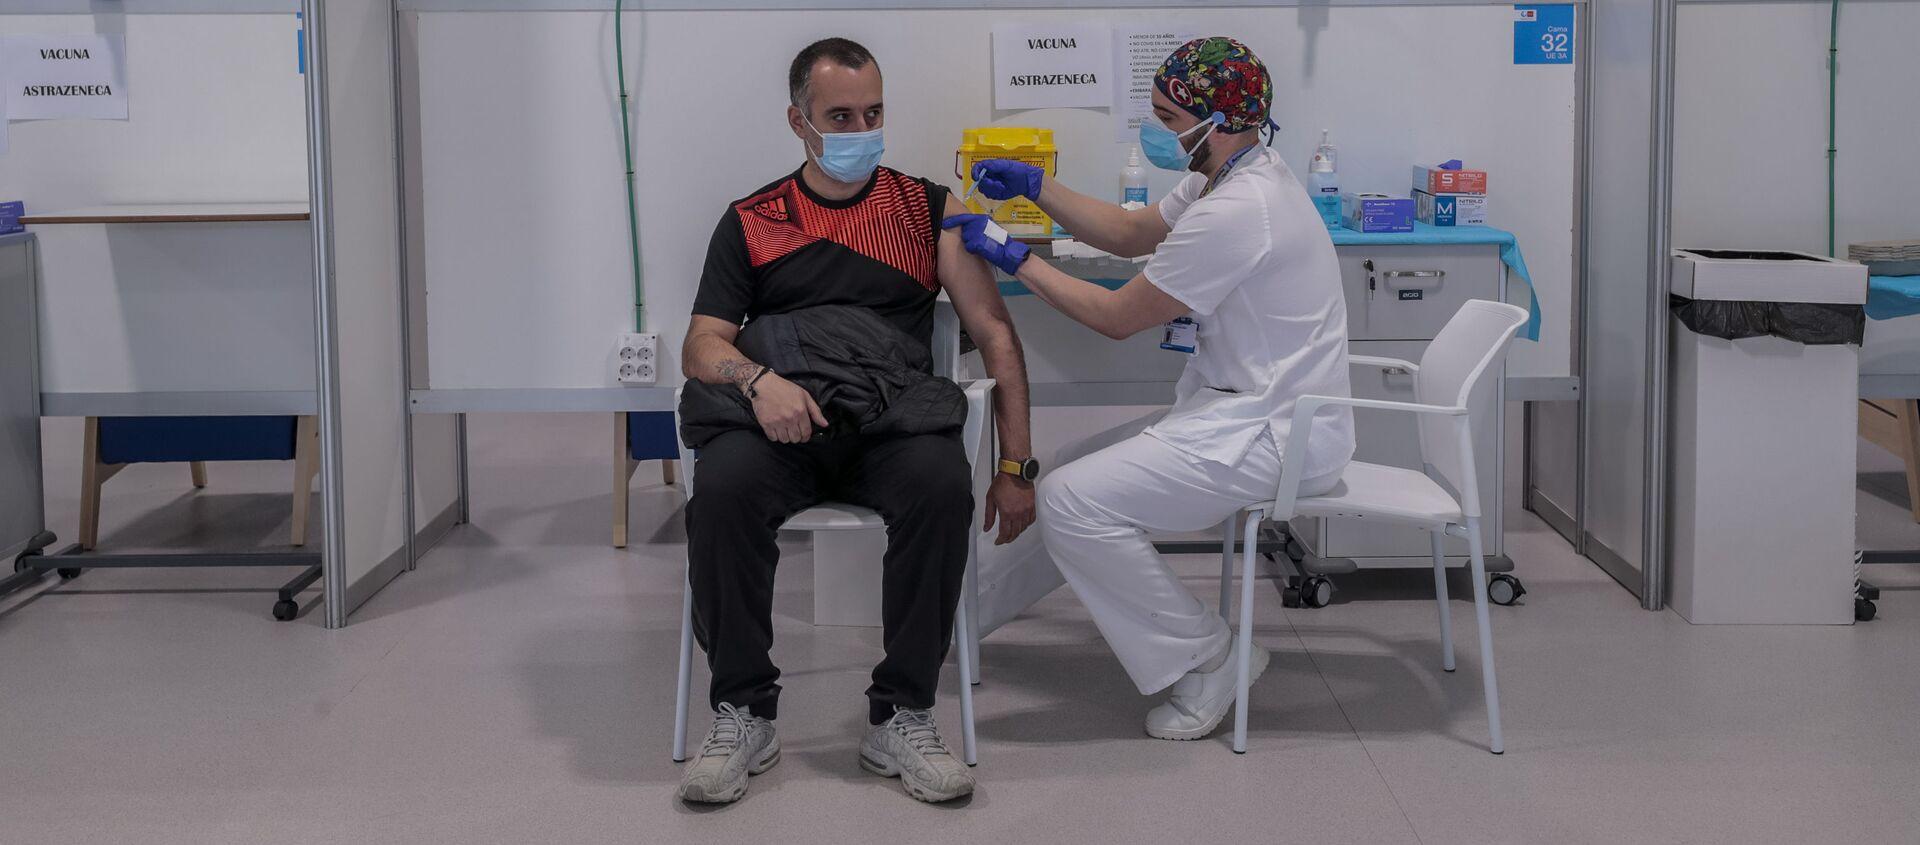 Mężczyzna otrzymuje szczepionkę AstraZeneca w szpitalu w Madrycie - Sputnik Polska, 1920, 22.05.2021